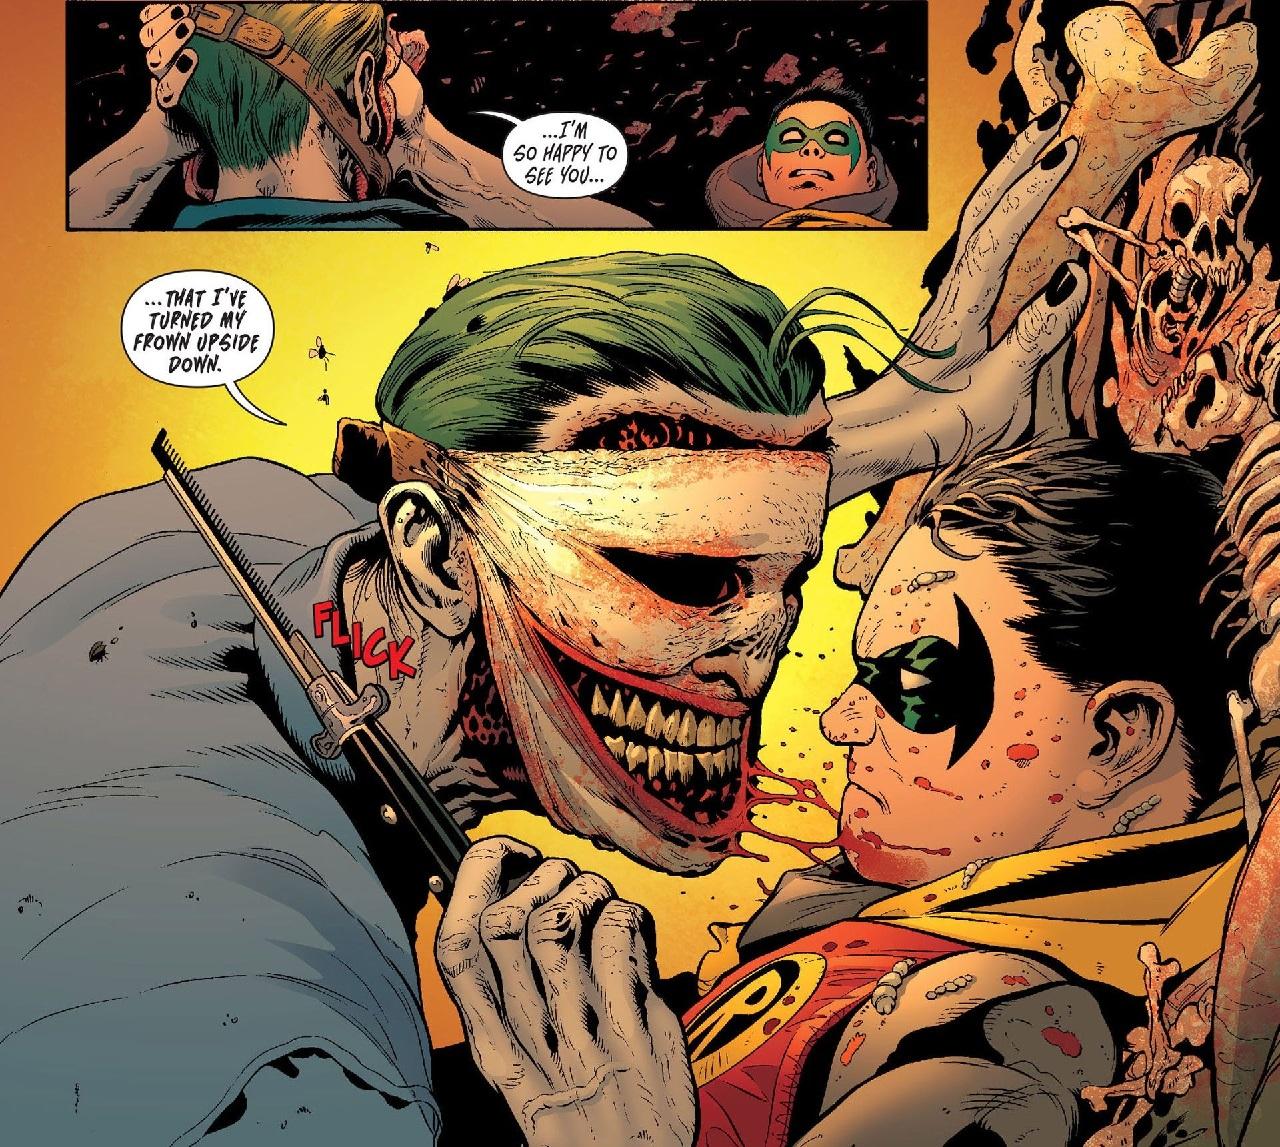 robin batman versiones damian wayne